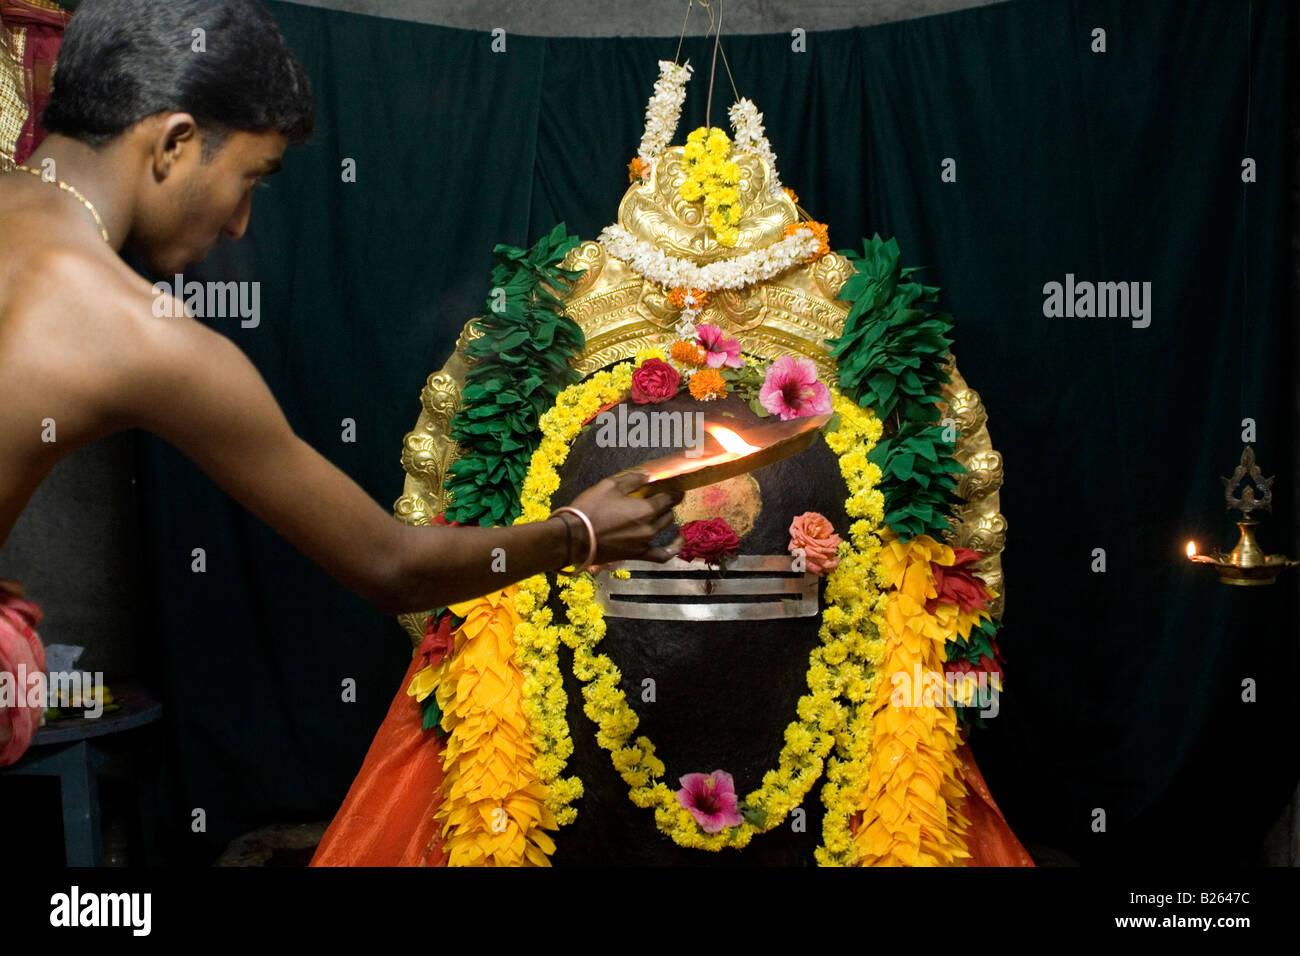 Lingam Power Stock Photos & Lingam Power Stock Images - Alamy